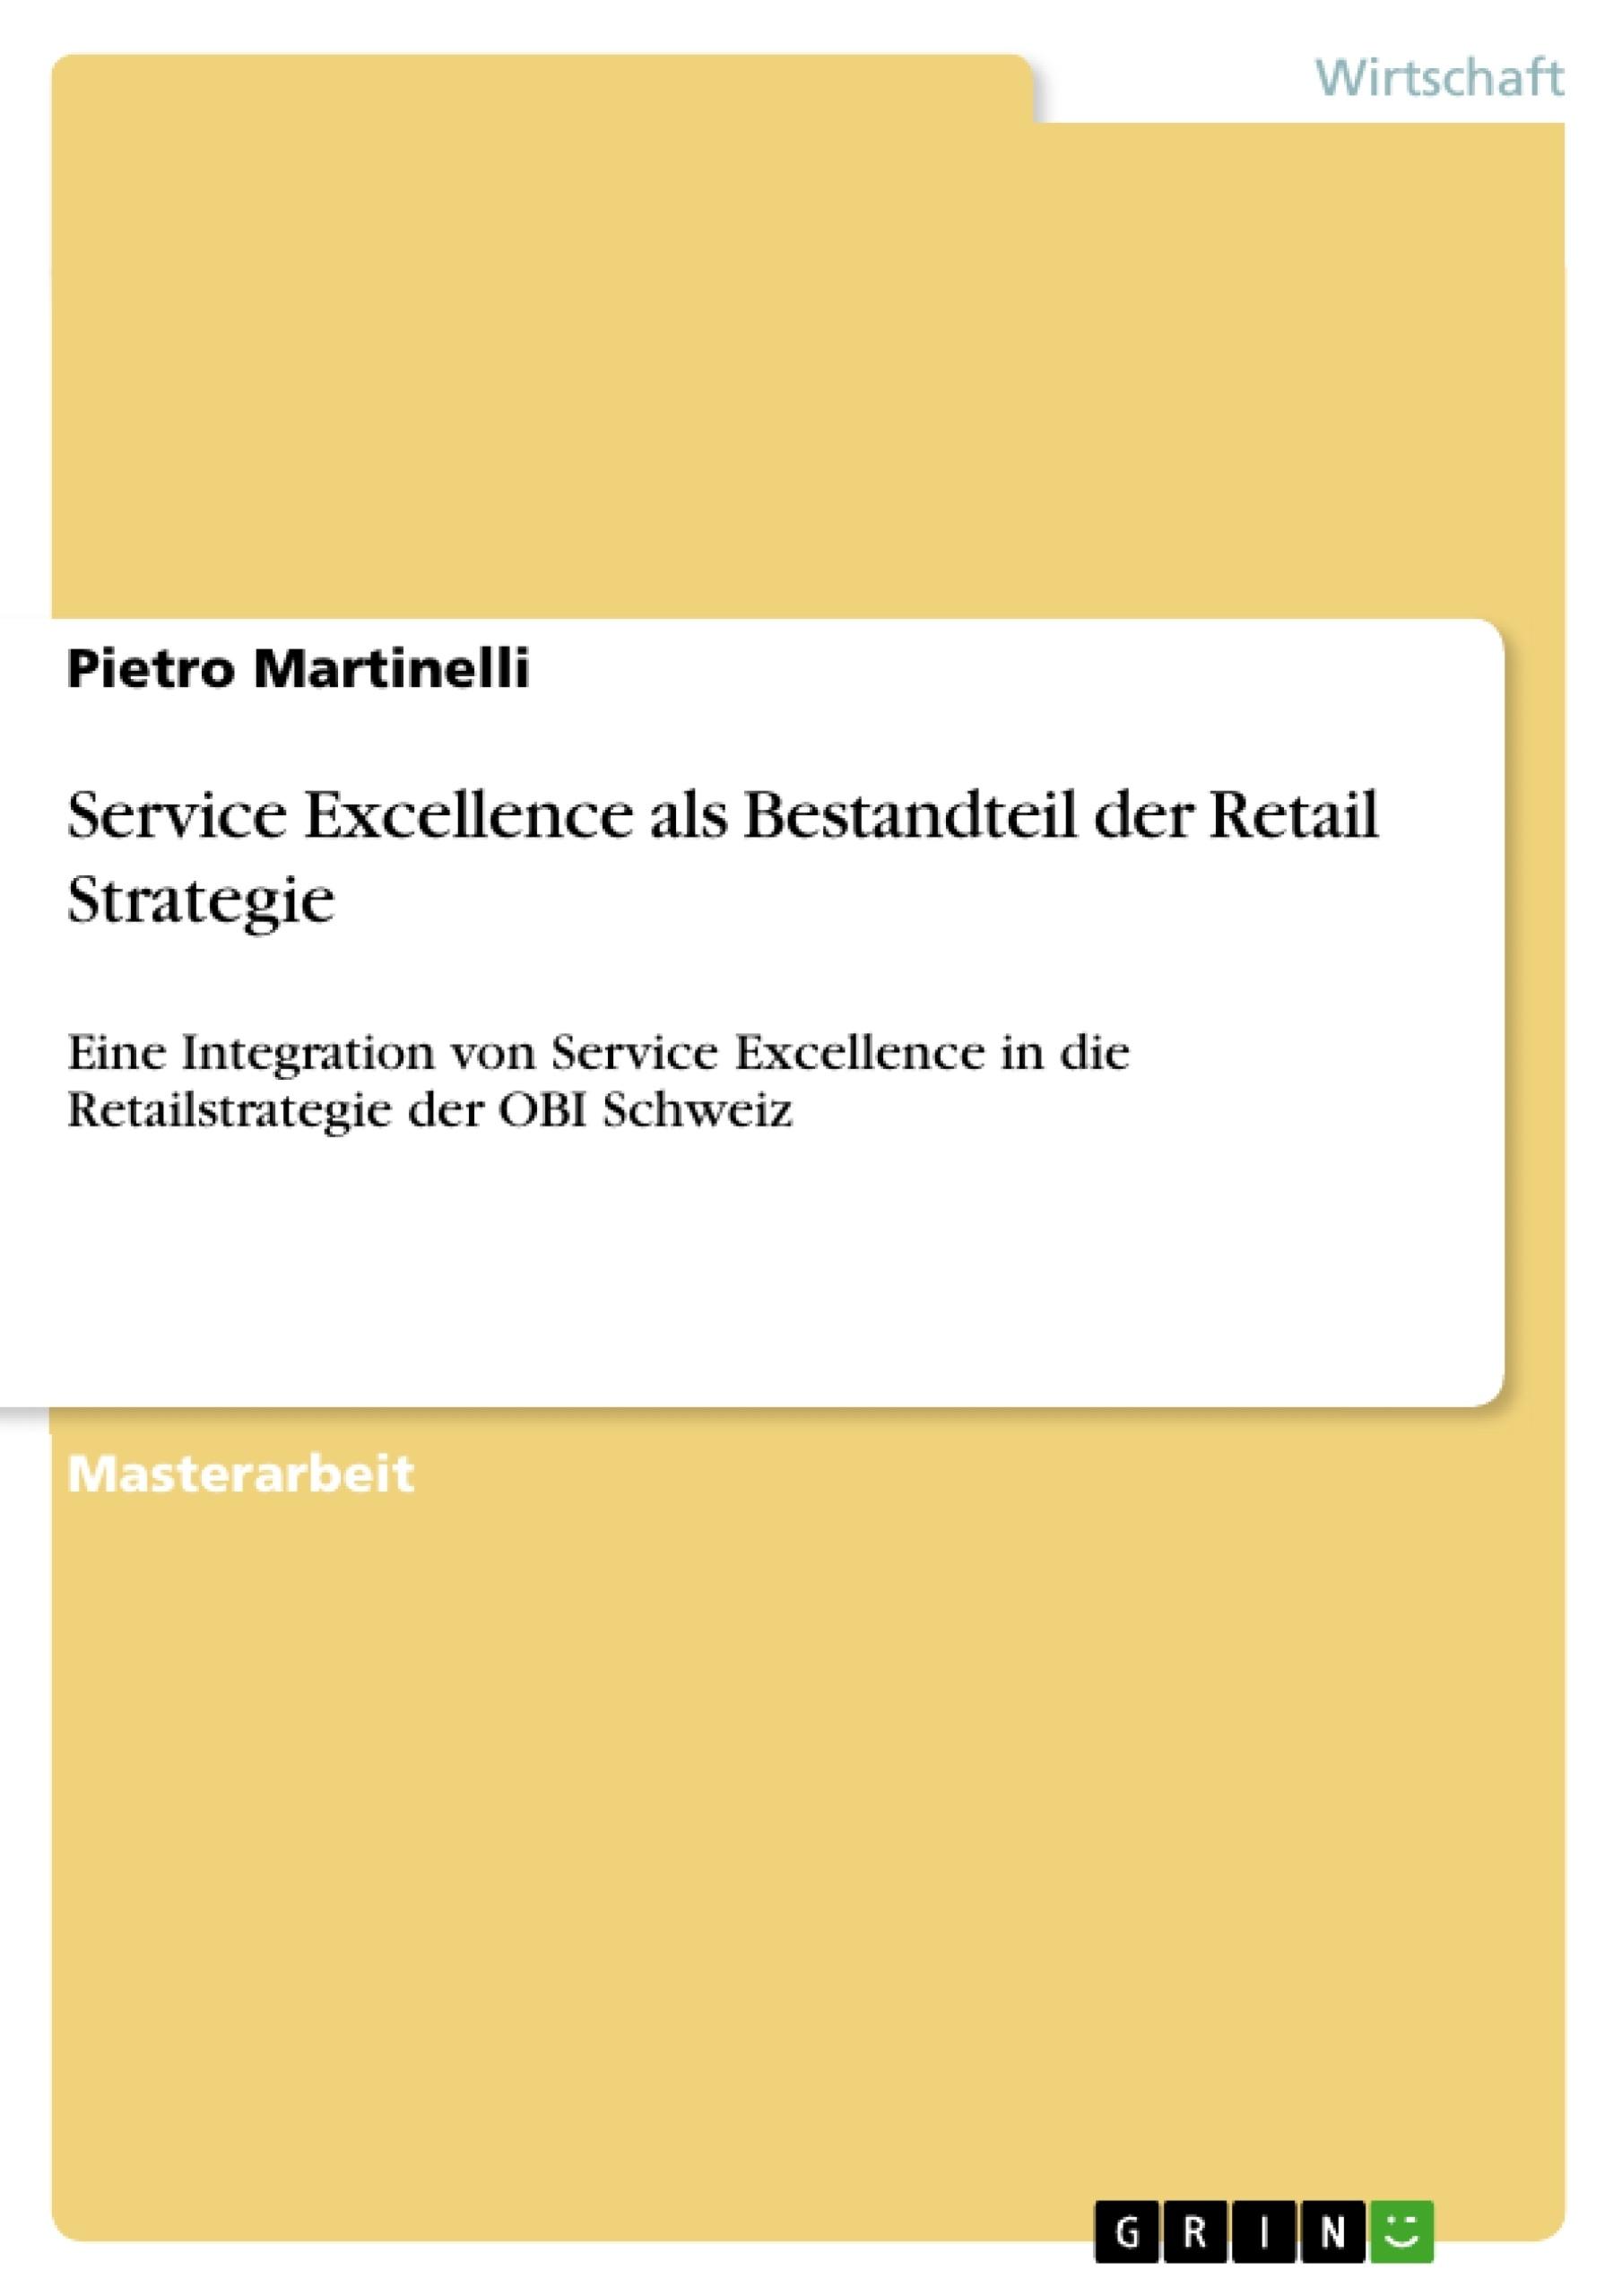 Titel: Service Excellence als Bestandteil der Retail Strategie